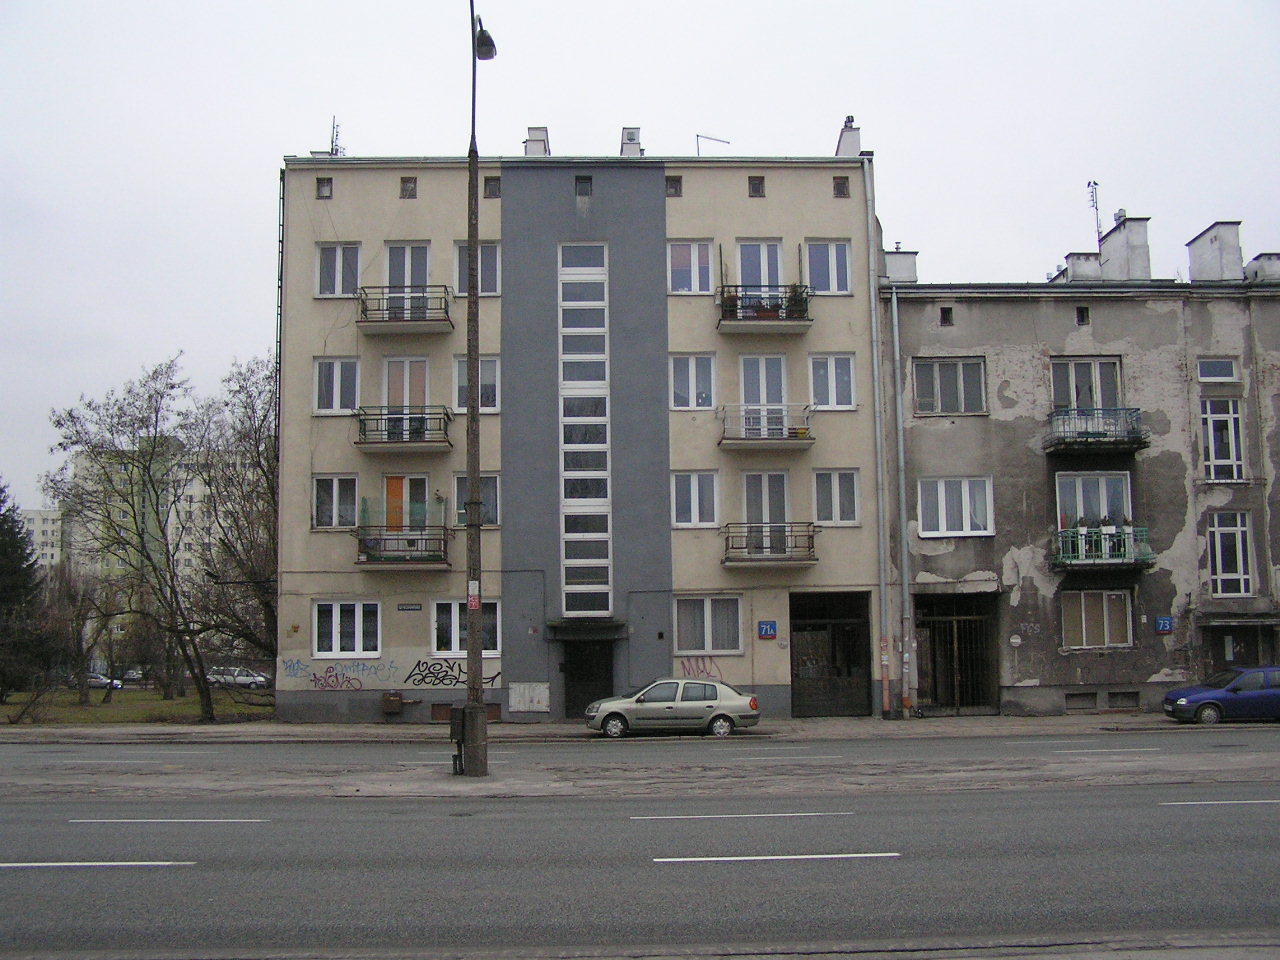 Kamienica przy ulicy Grochowskej 71A na Grochowie